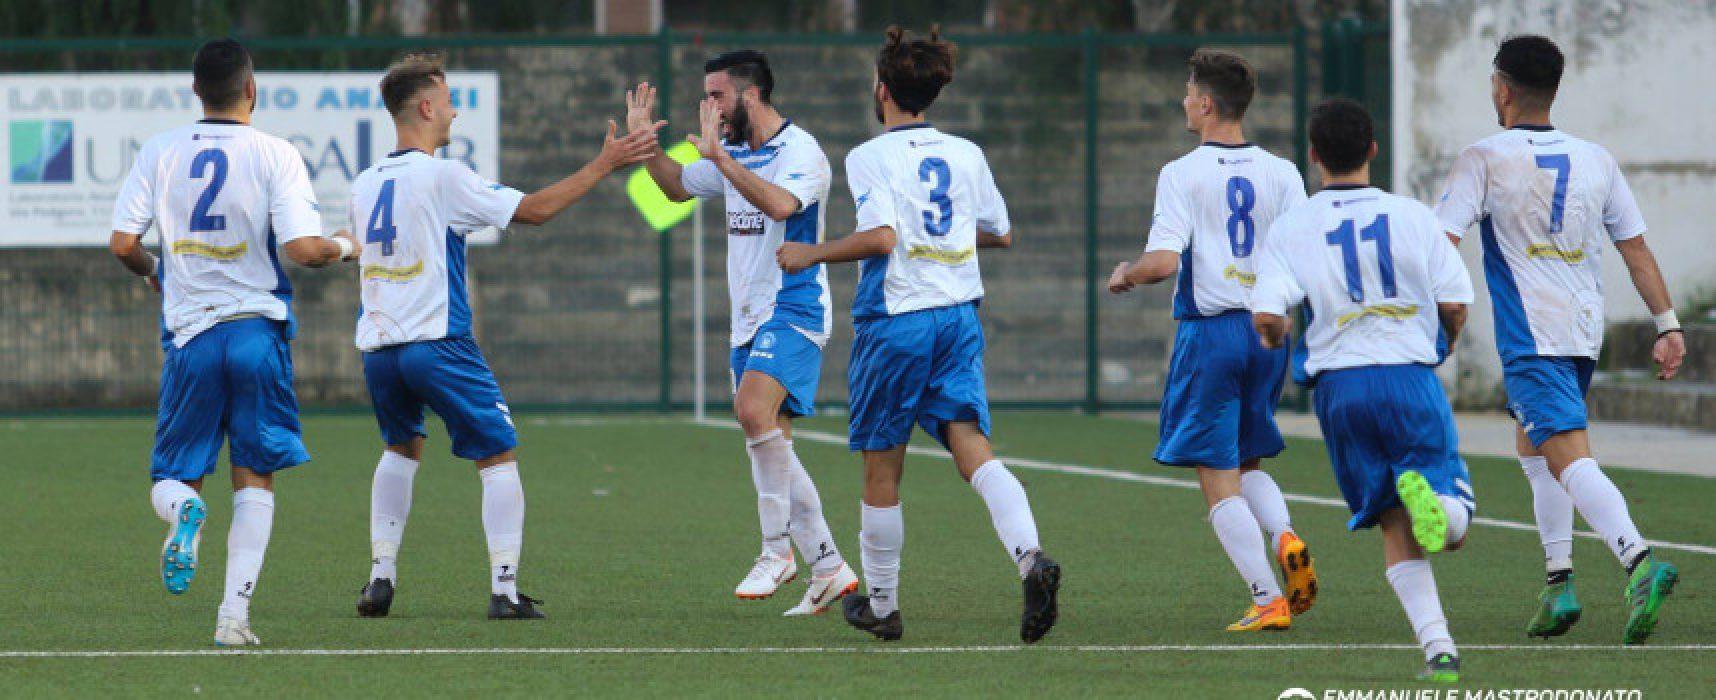 Ostacolo Gallipoli sul cammino dell'Unione Calcio